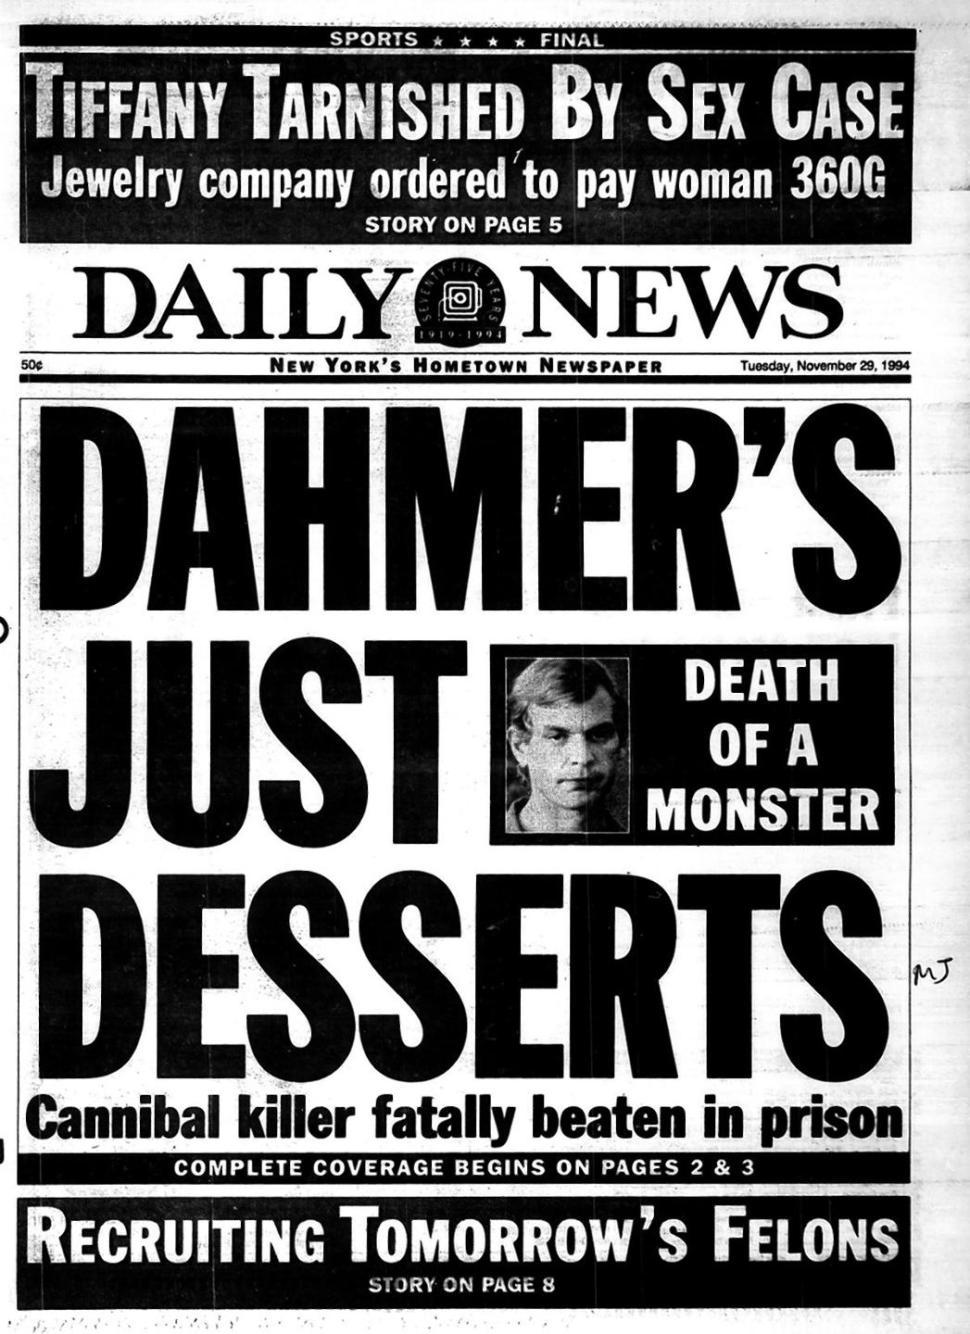 Reportagem de Época: A Sobremesa de Dahmer. Morte de um Monstro. Assassino Canibal Espancado até a Morte na Prisão.